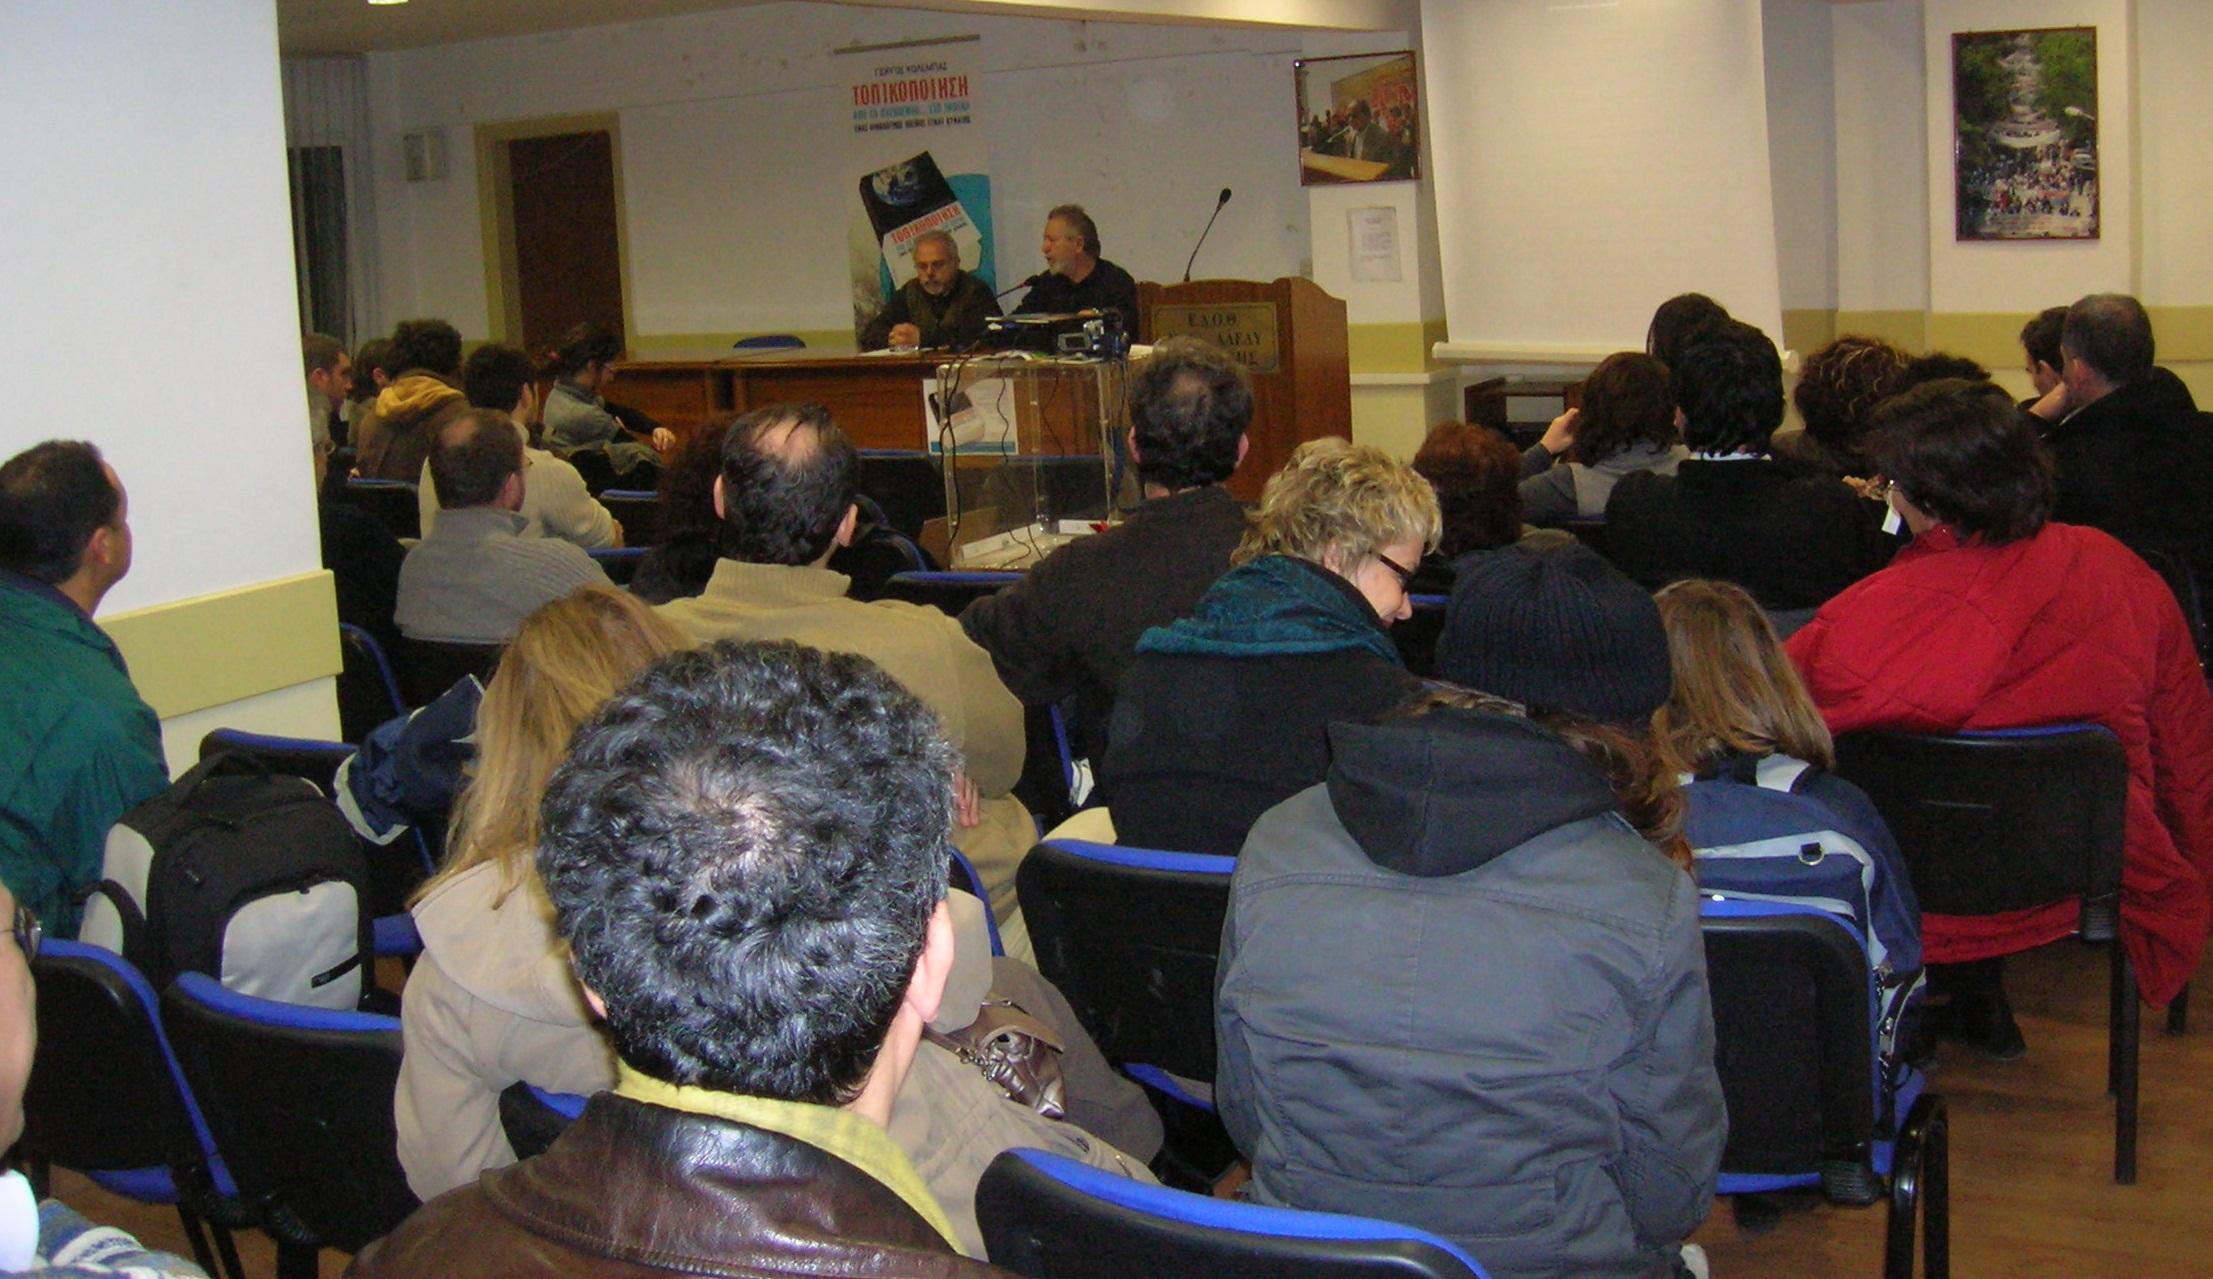 2009-12-21-topikopoiisi.jpg